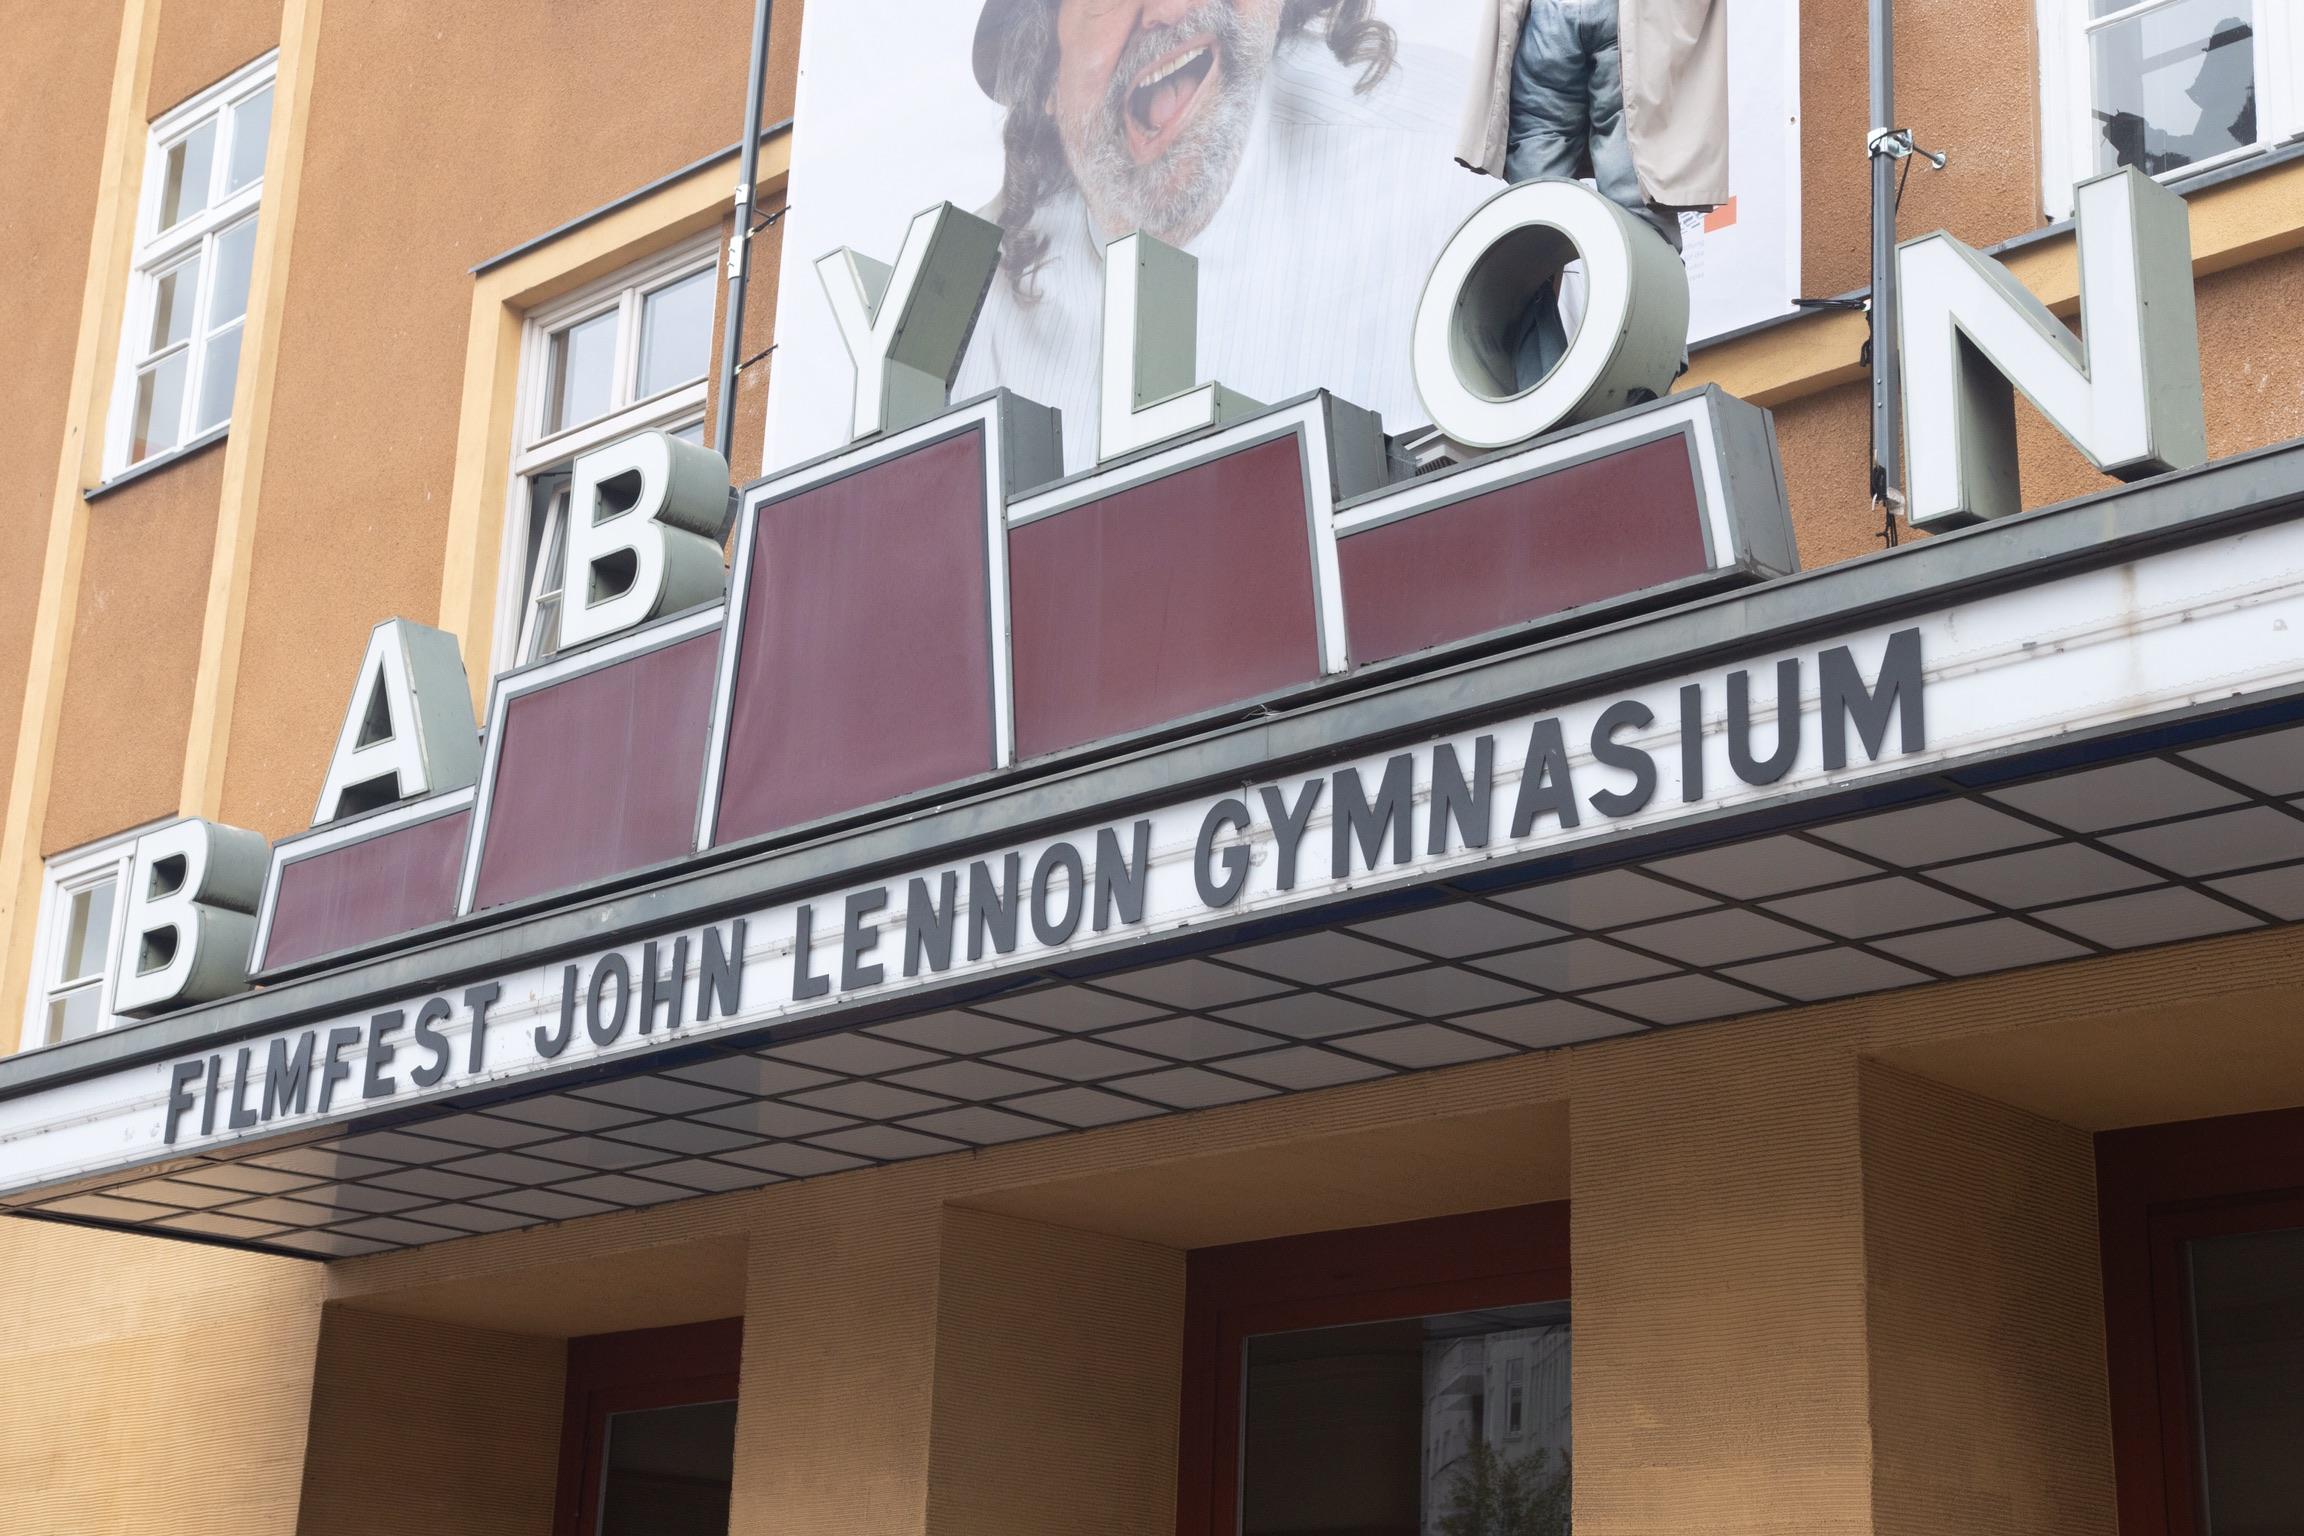 John Lennon Filmfest